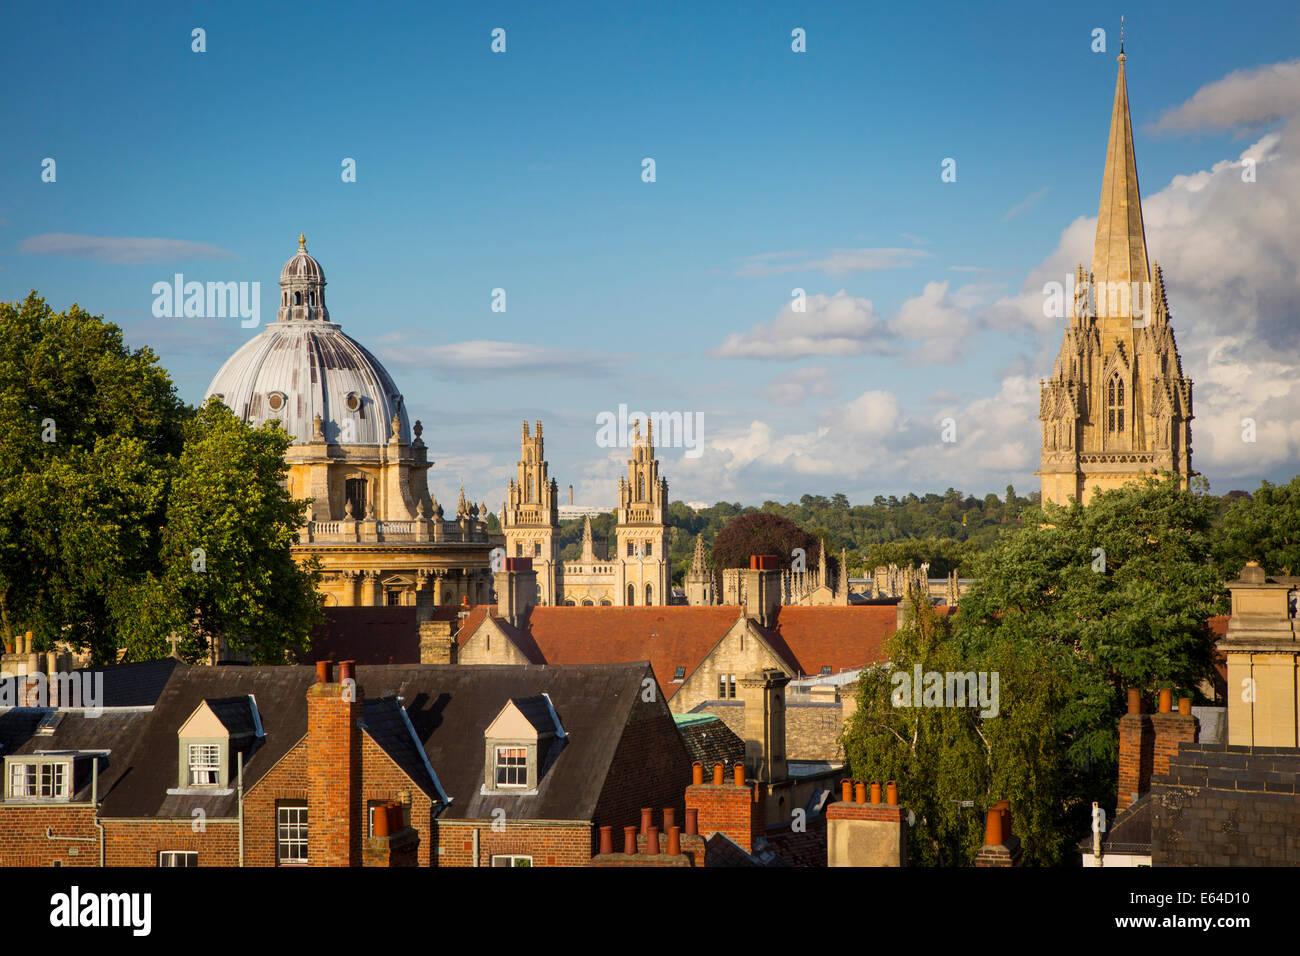 Vistas a Oxford con la Radcliffe Camera, All Souls College y la torre de la Iglesia de Santa María, Oxfordshire, Imagen De Stock